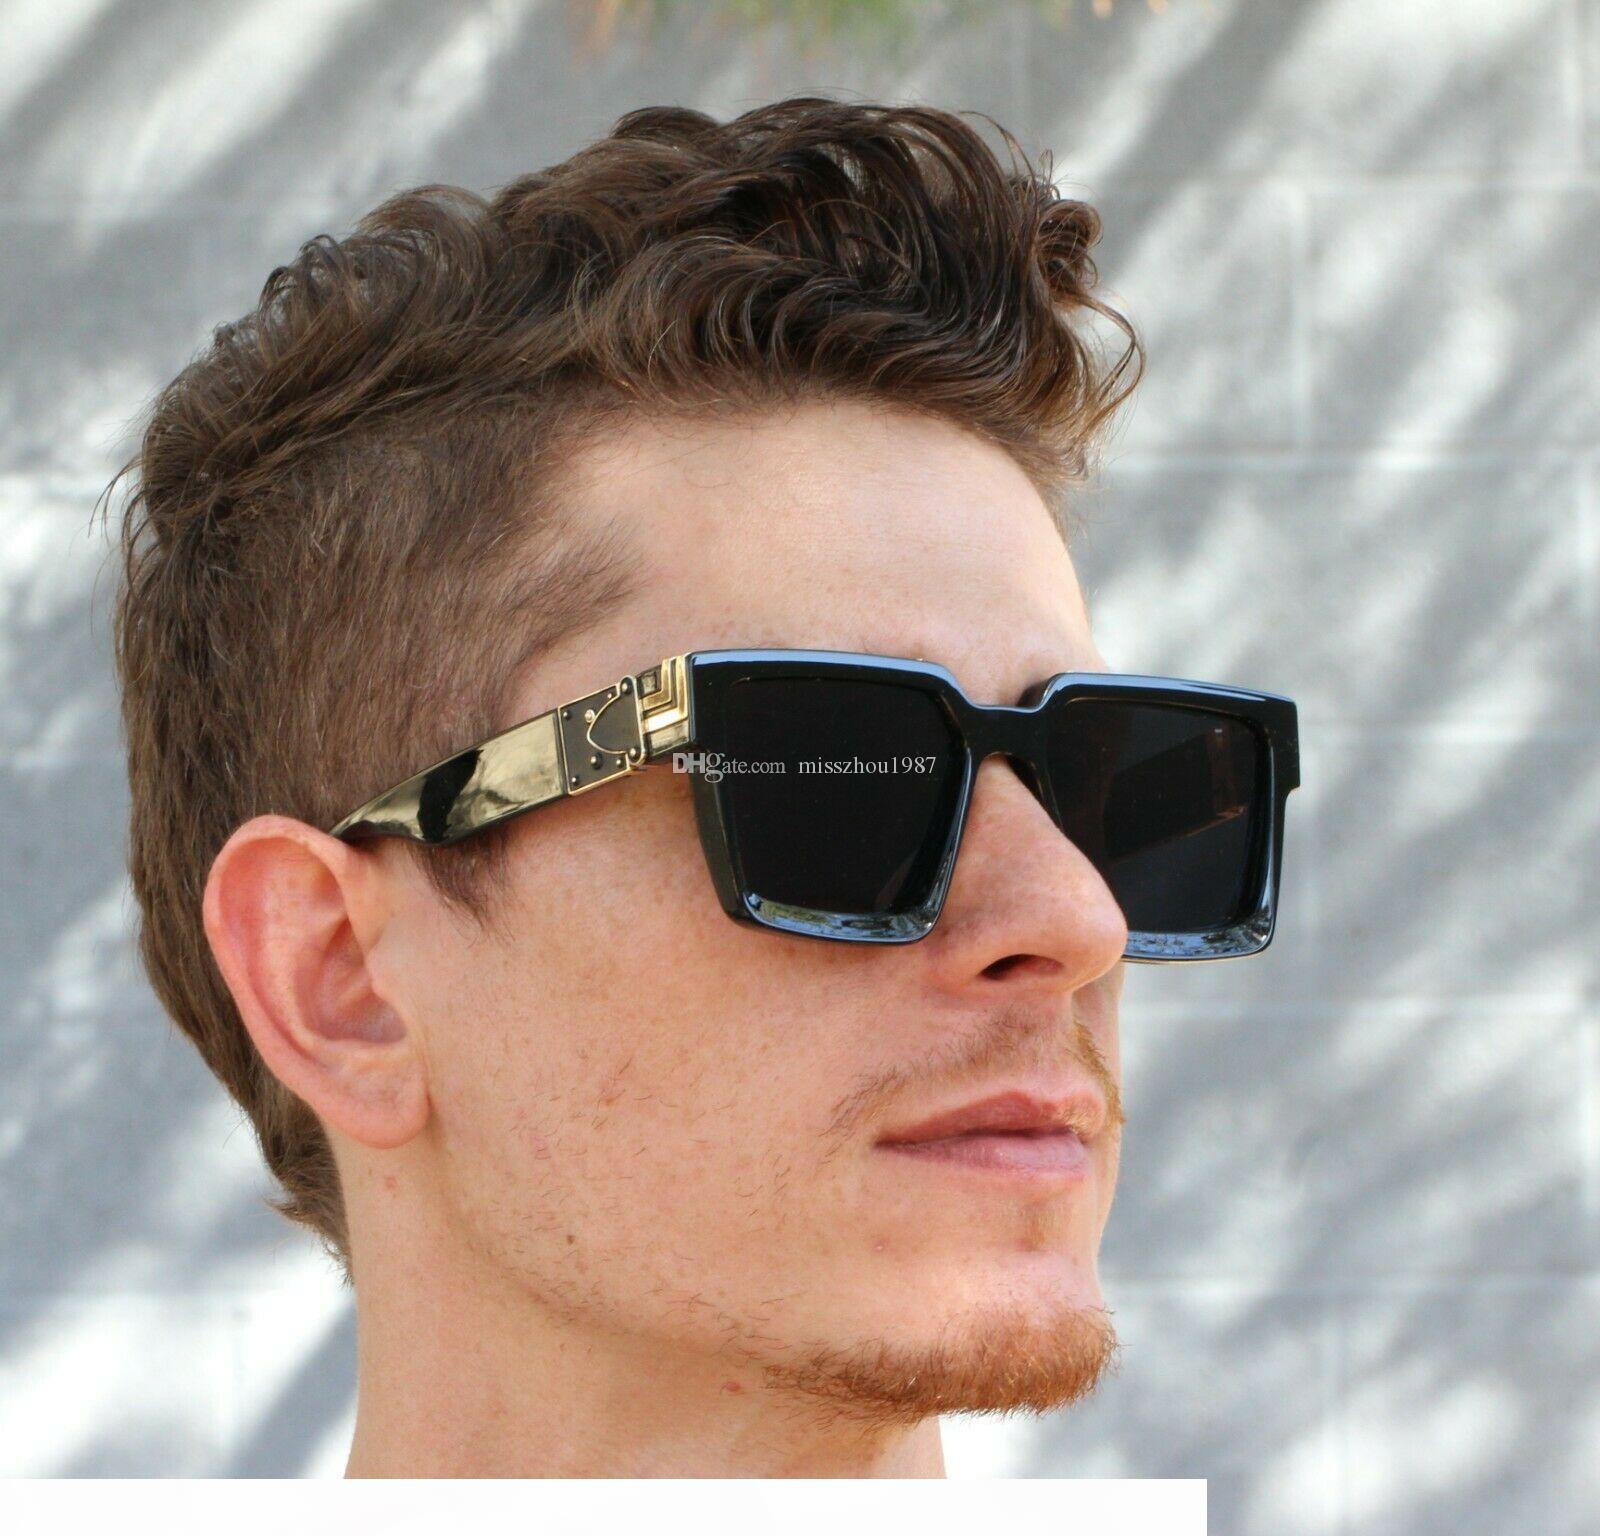 2019 Luxury MILLIONAIRE 96006 Солнцезащитные очки для мужчин полный кадр Vintage дизайнер солнцезащитных очков для мужчин Блестящая золото Logo Горячее надувательство Позолоченные Top